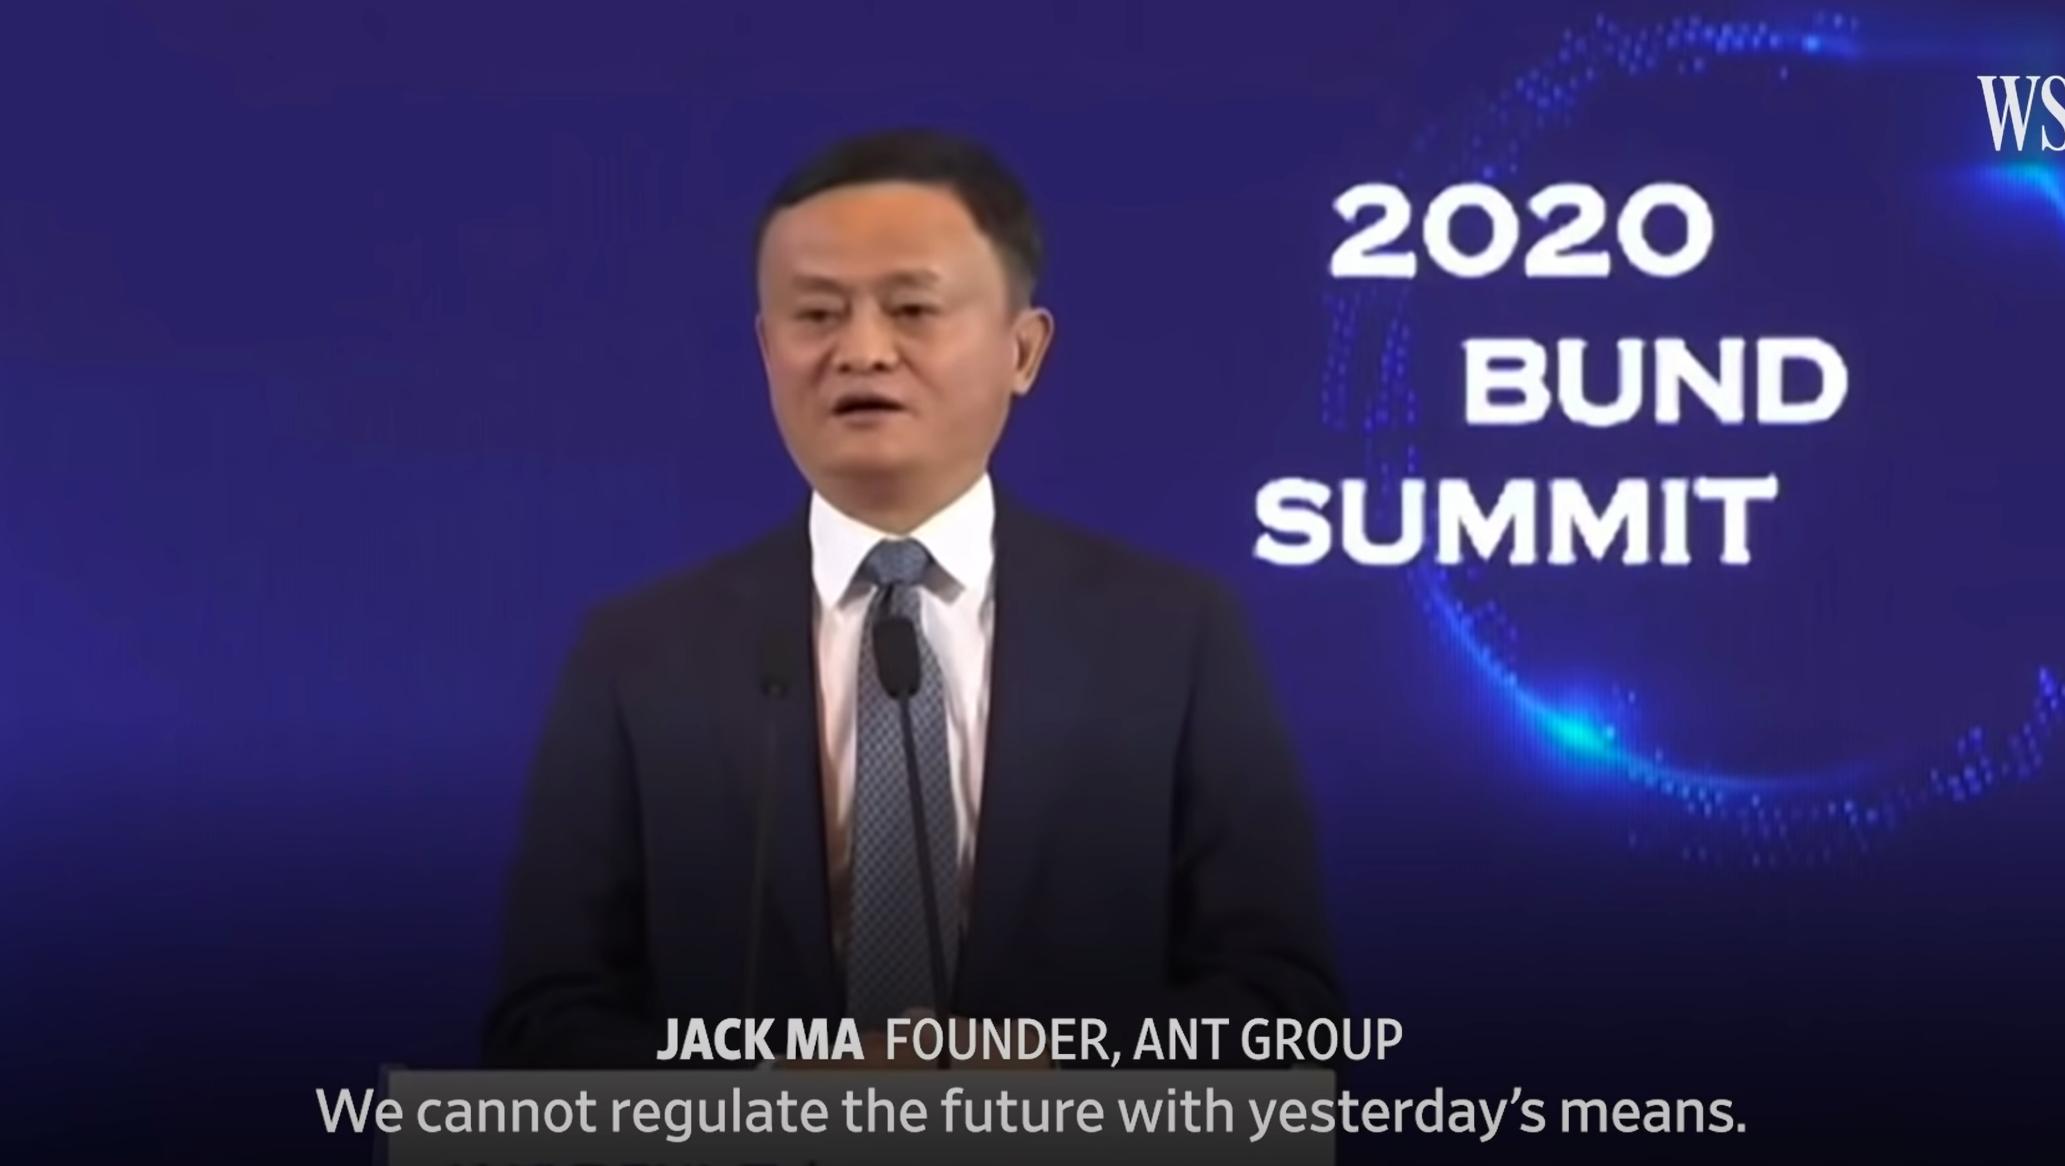 华尔街日报披露中国高层叫停蚂蚁上市内幕,马云的激烈批评引发强硬反应